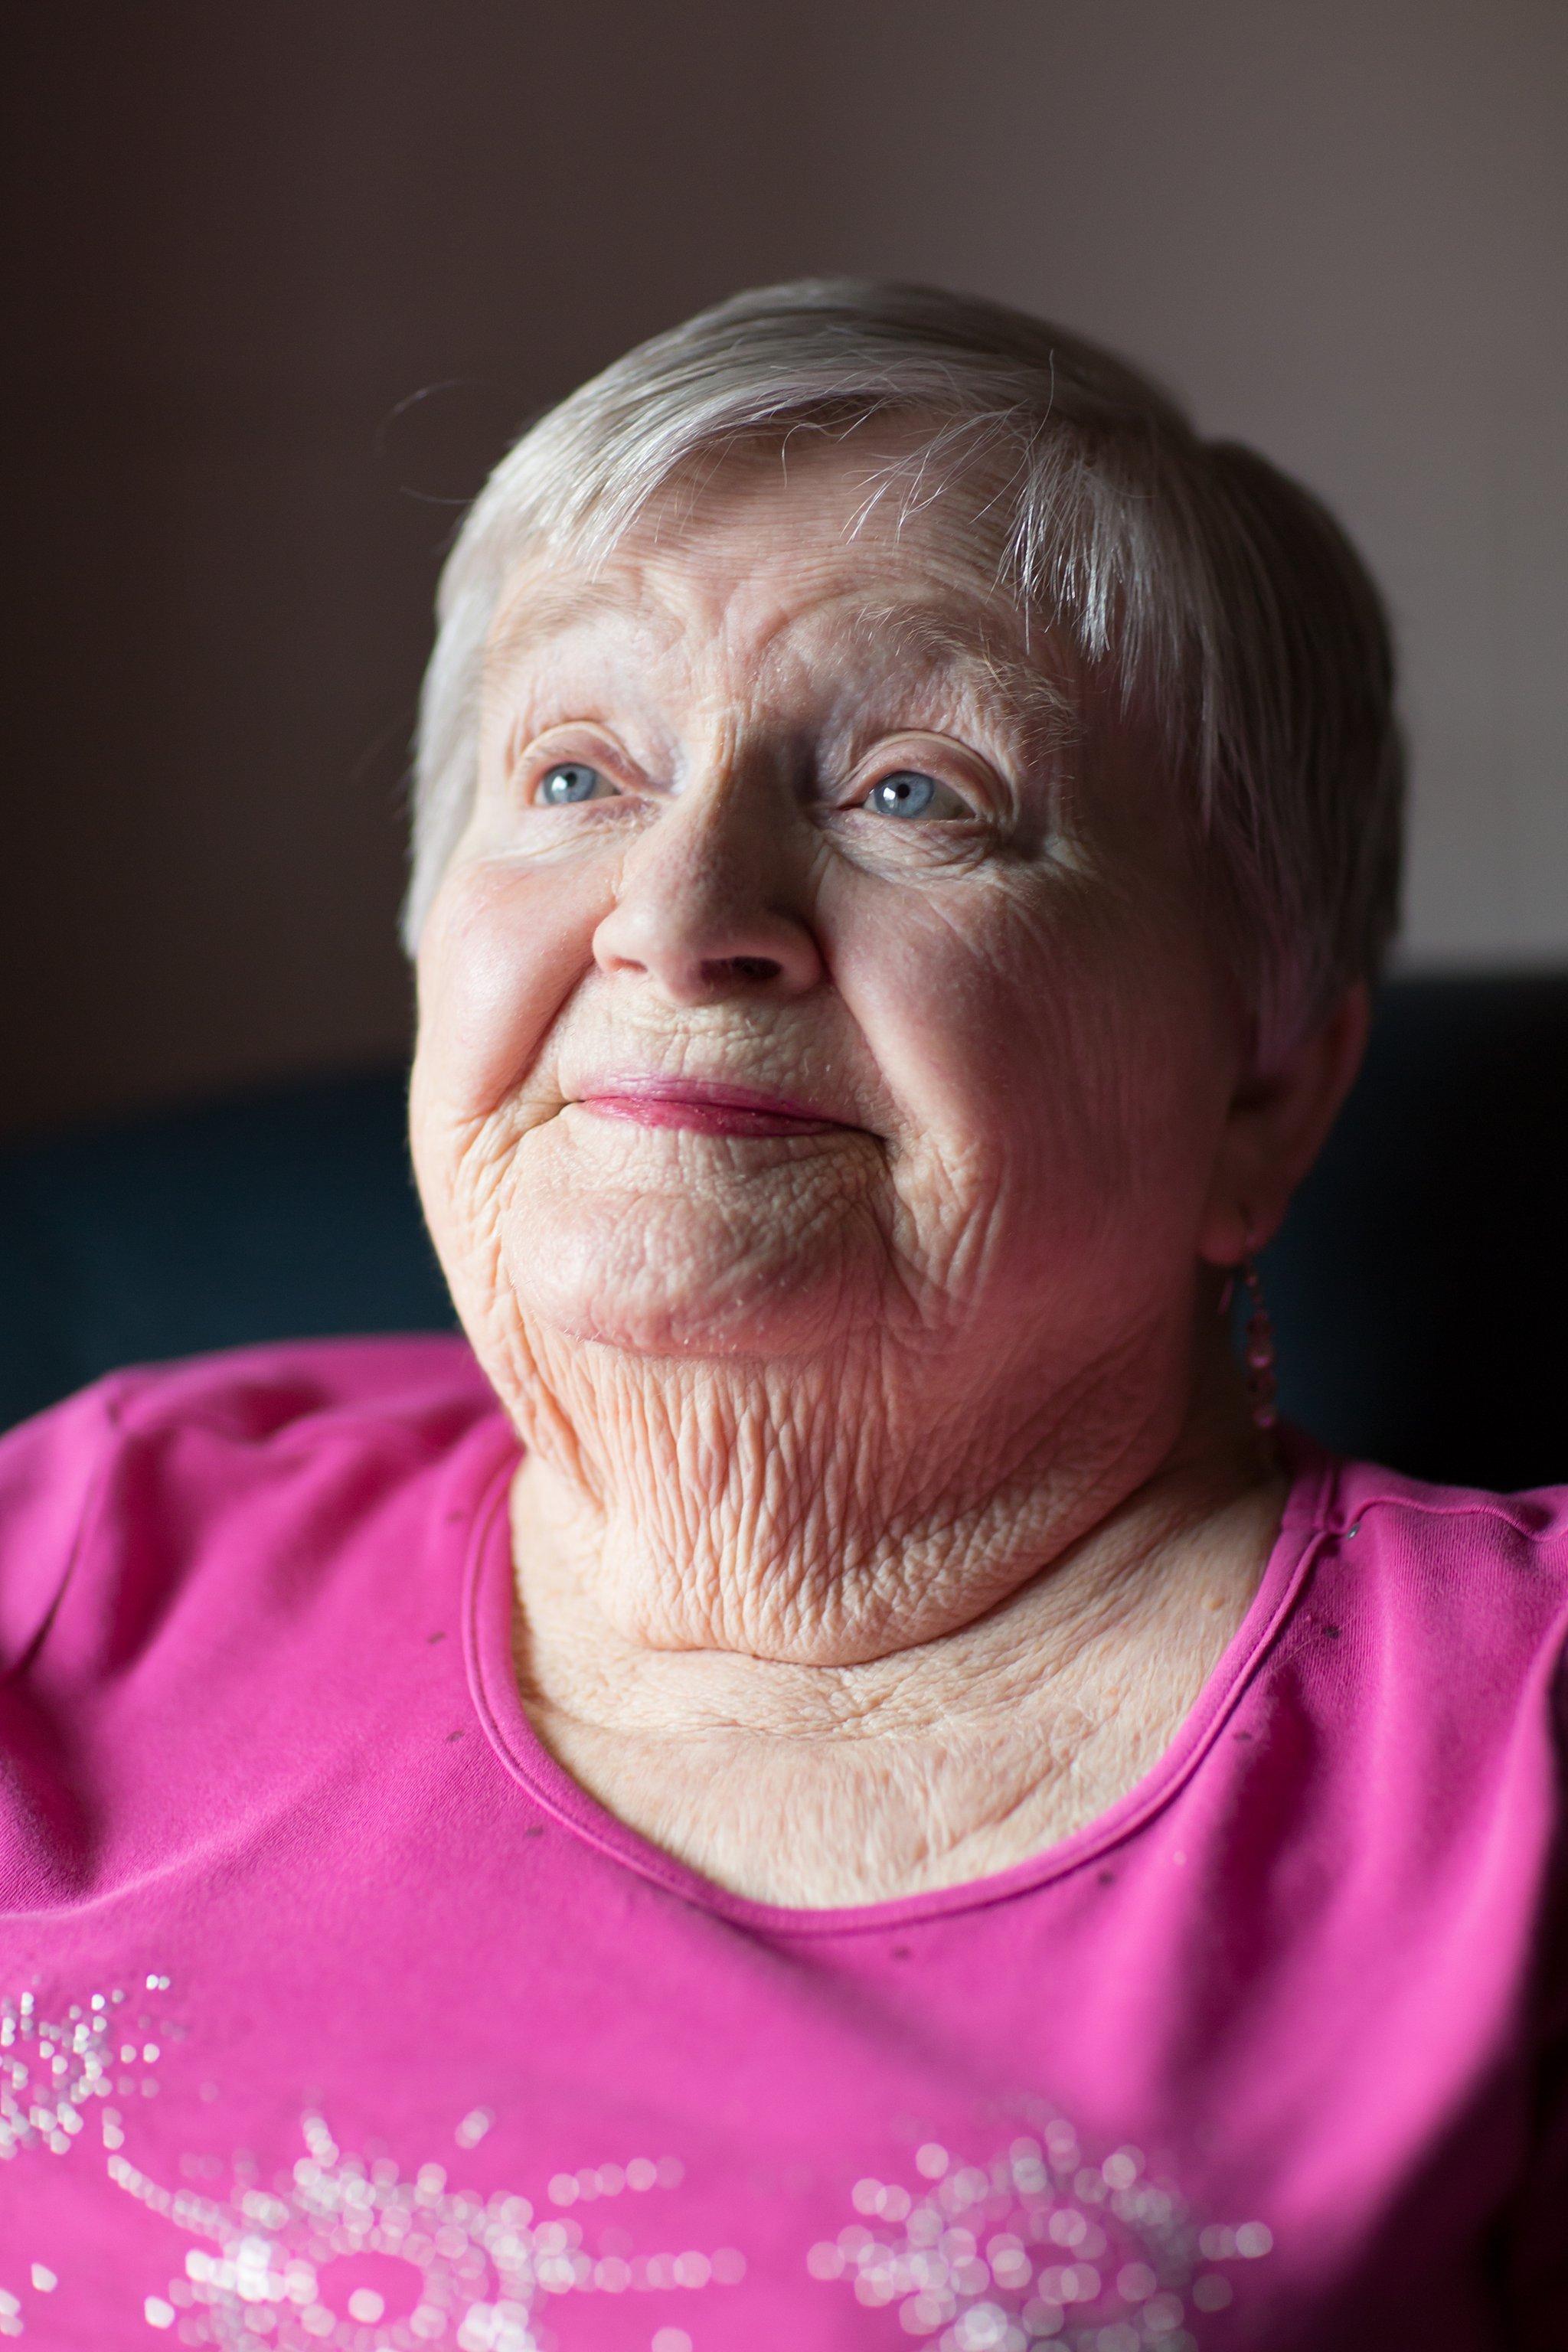 Portrait of Elderly Woman 3